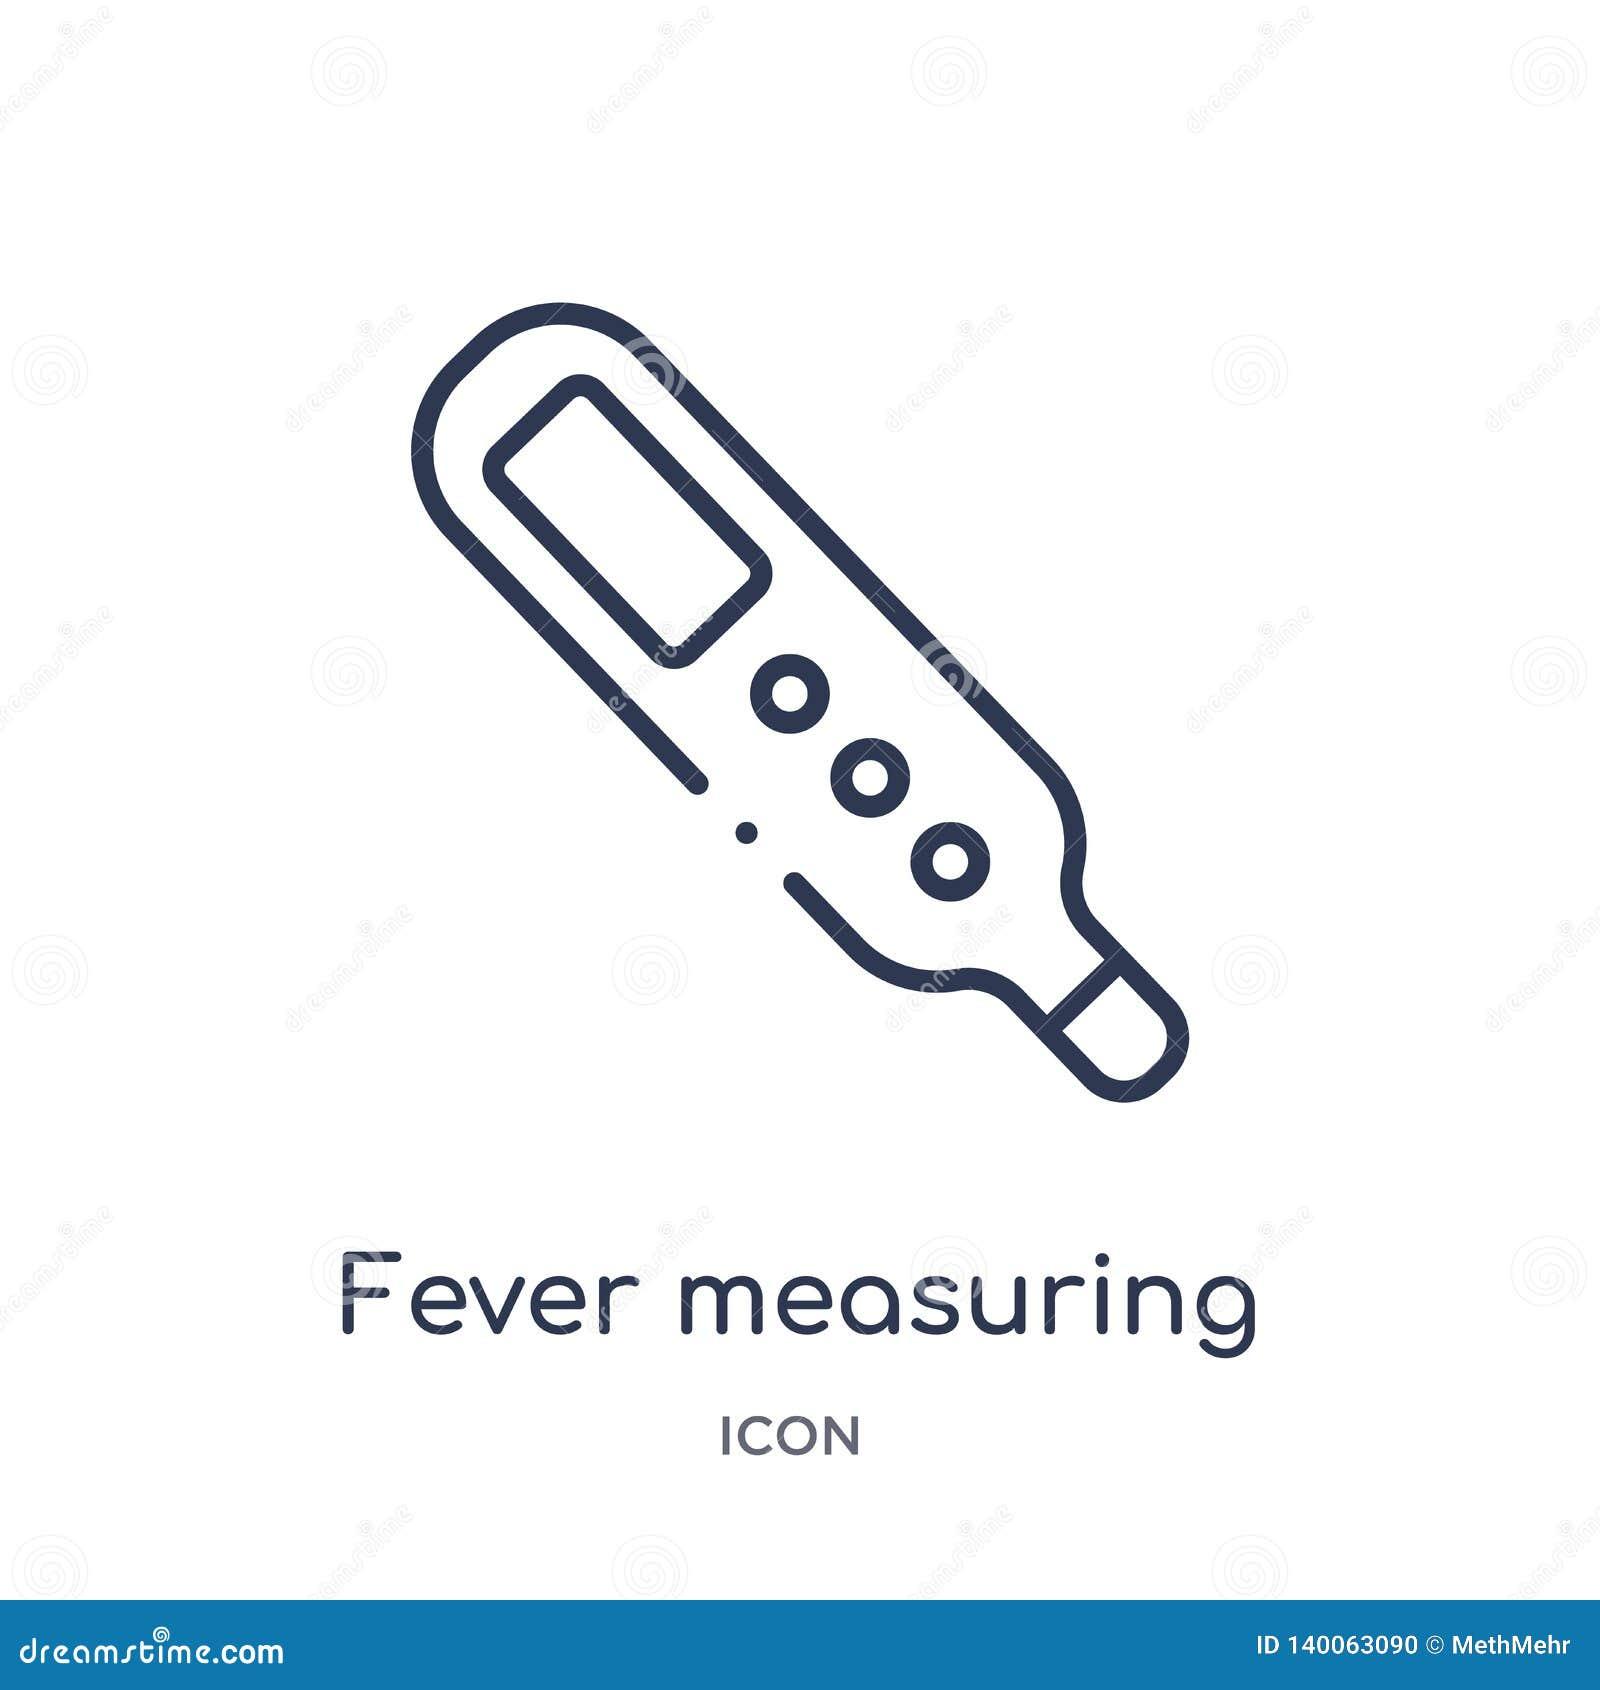 Icono de medición de la fiebre linear de la colección del esquema de la medida Línea fina icono de medición de la fiebre aislado